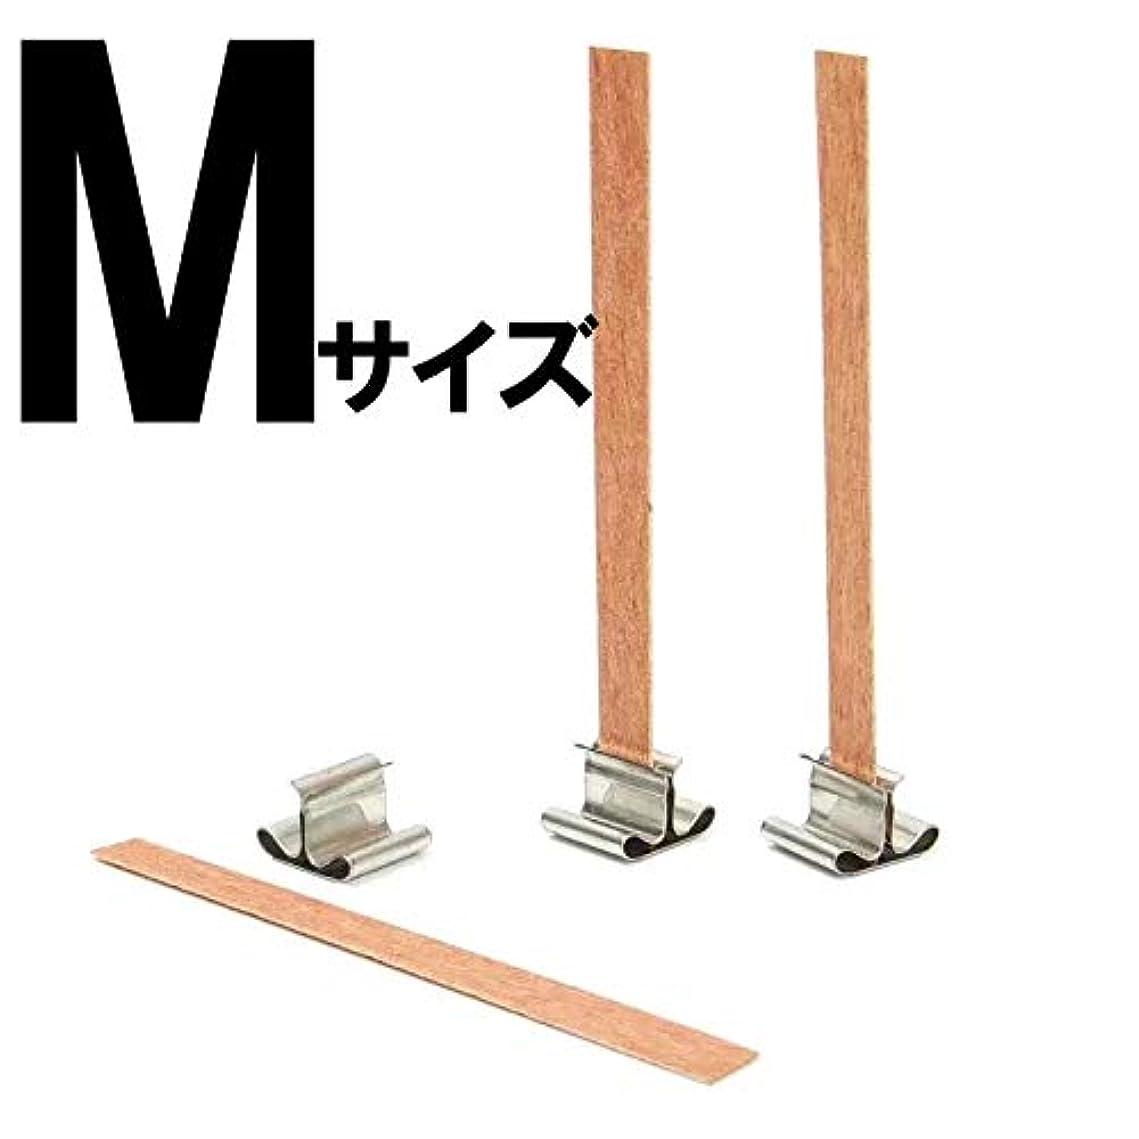 取り扱い契約した速いキャンドル用 木芯 ウッドウィック 座金付き Mサイズ (5本セット)